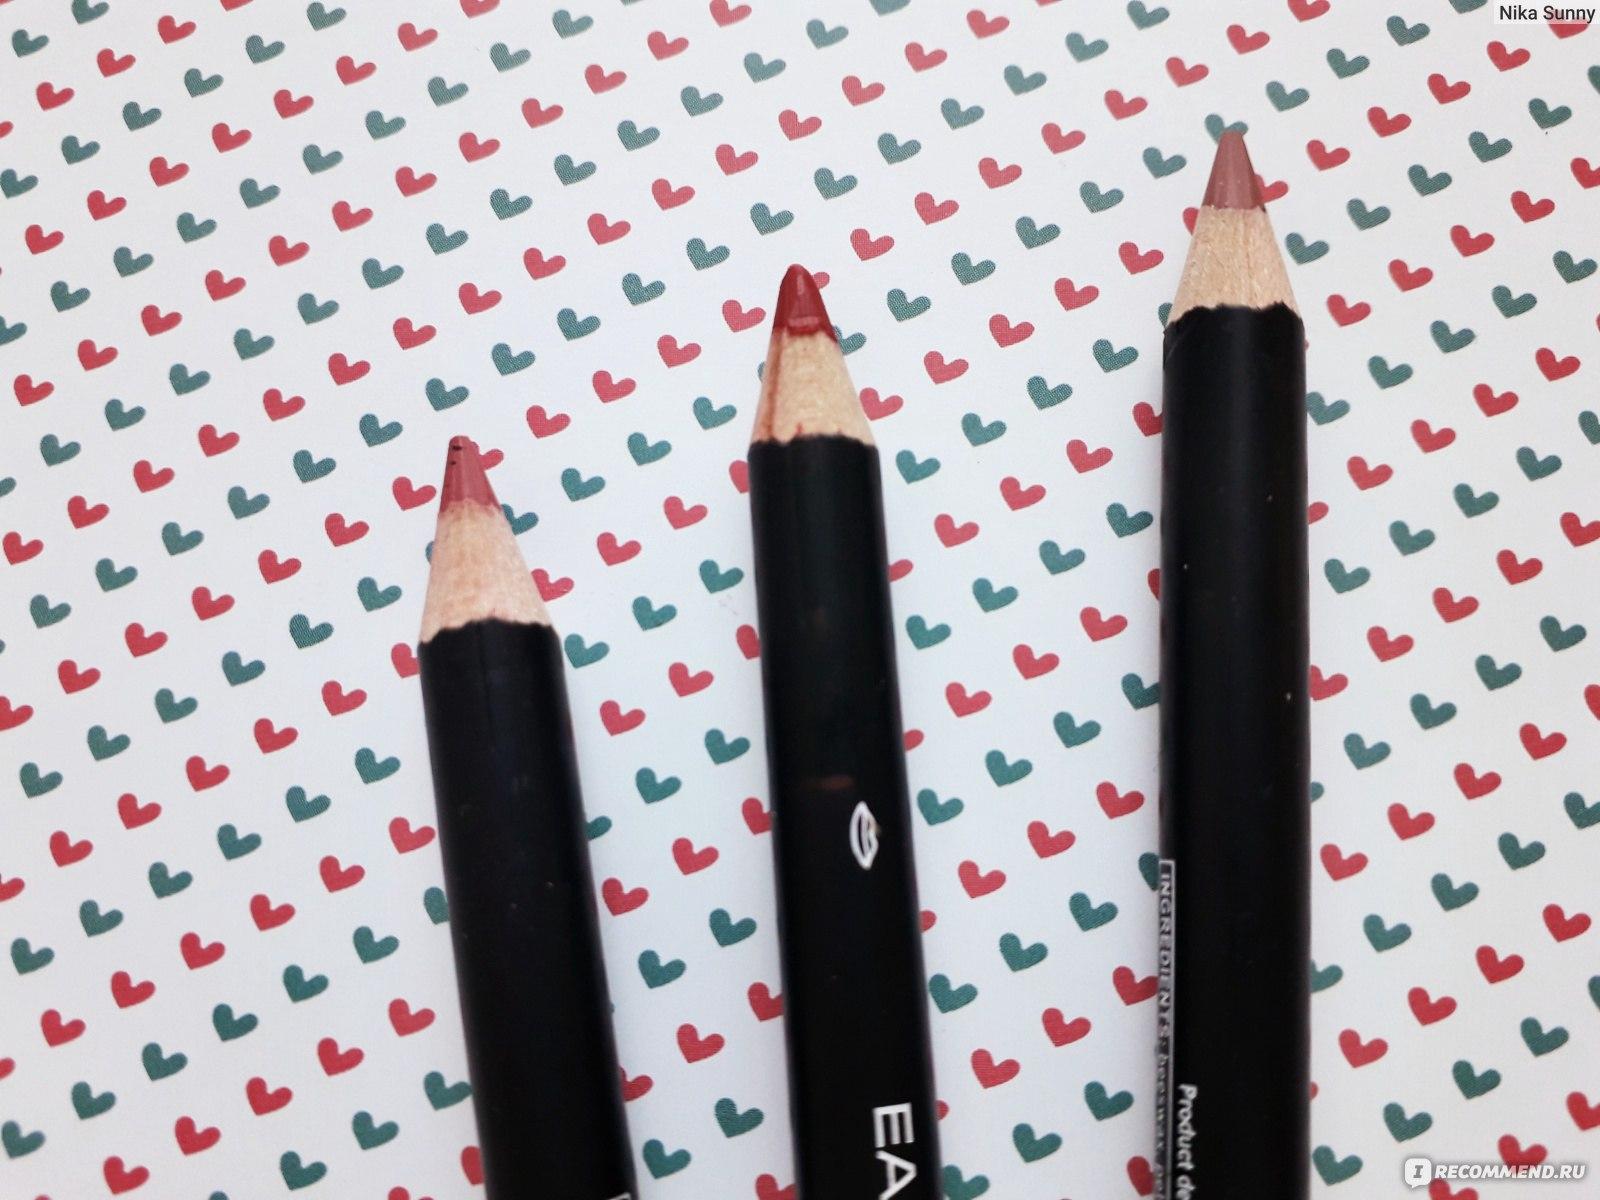 Где купить карандаши косметика автозагар avon sun+ отзывы